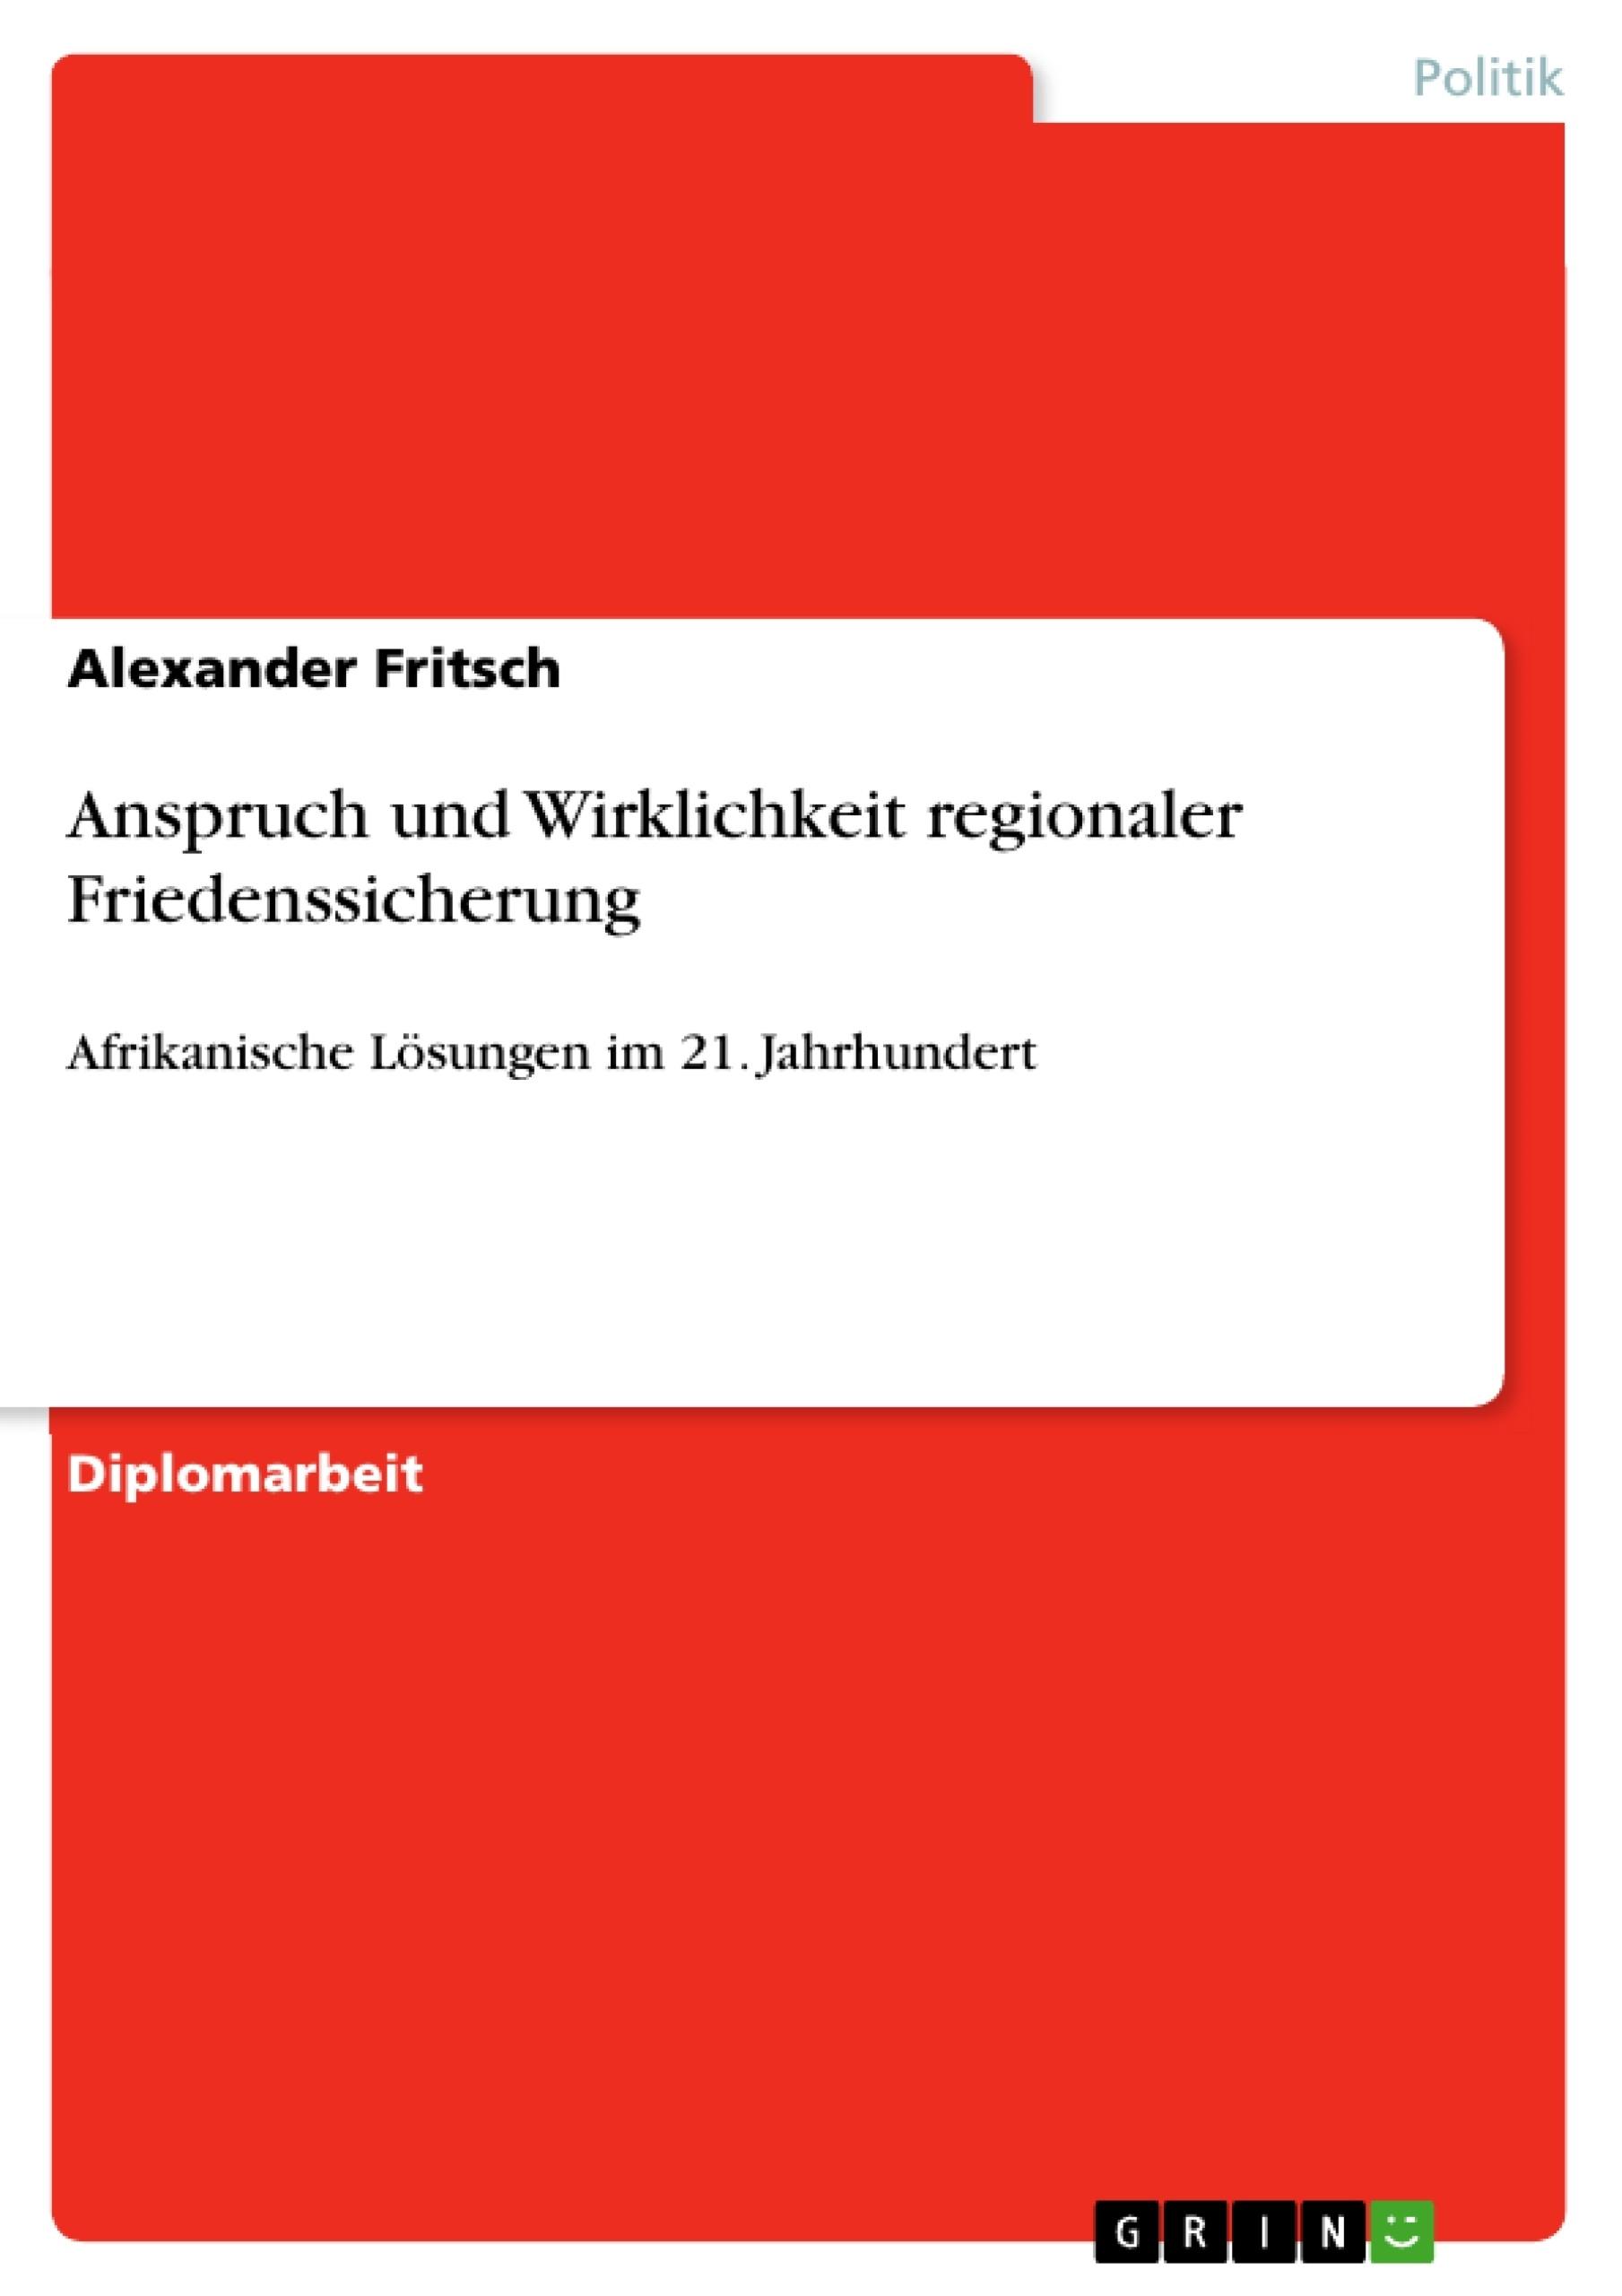 Titel: Anspruch und Wirklichkeit regionaler Friedenssicherung